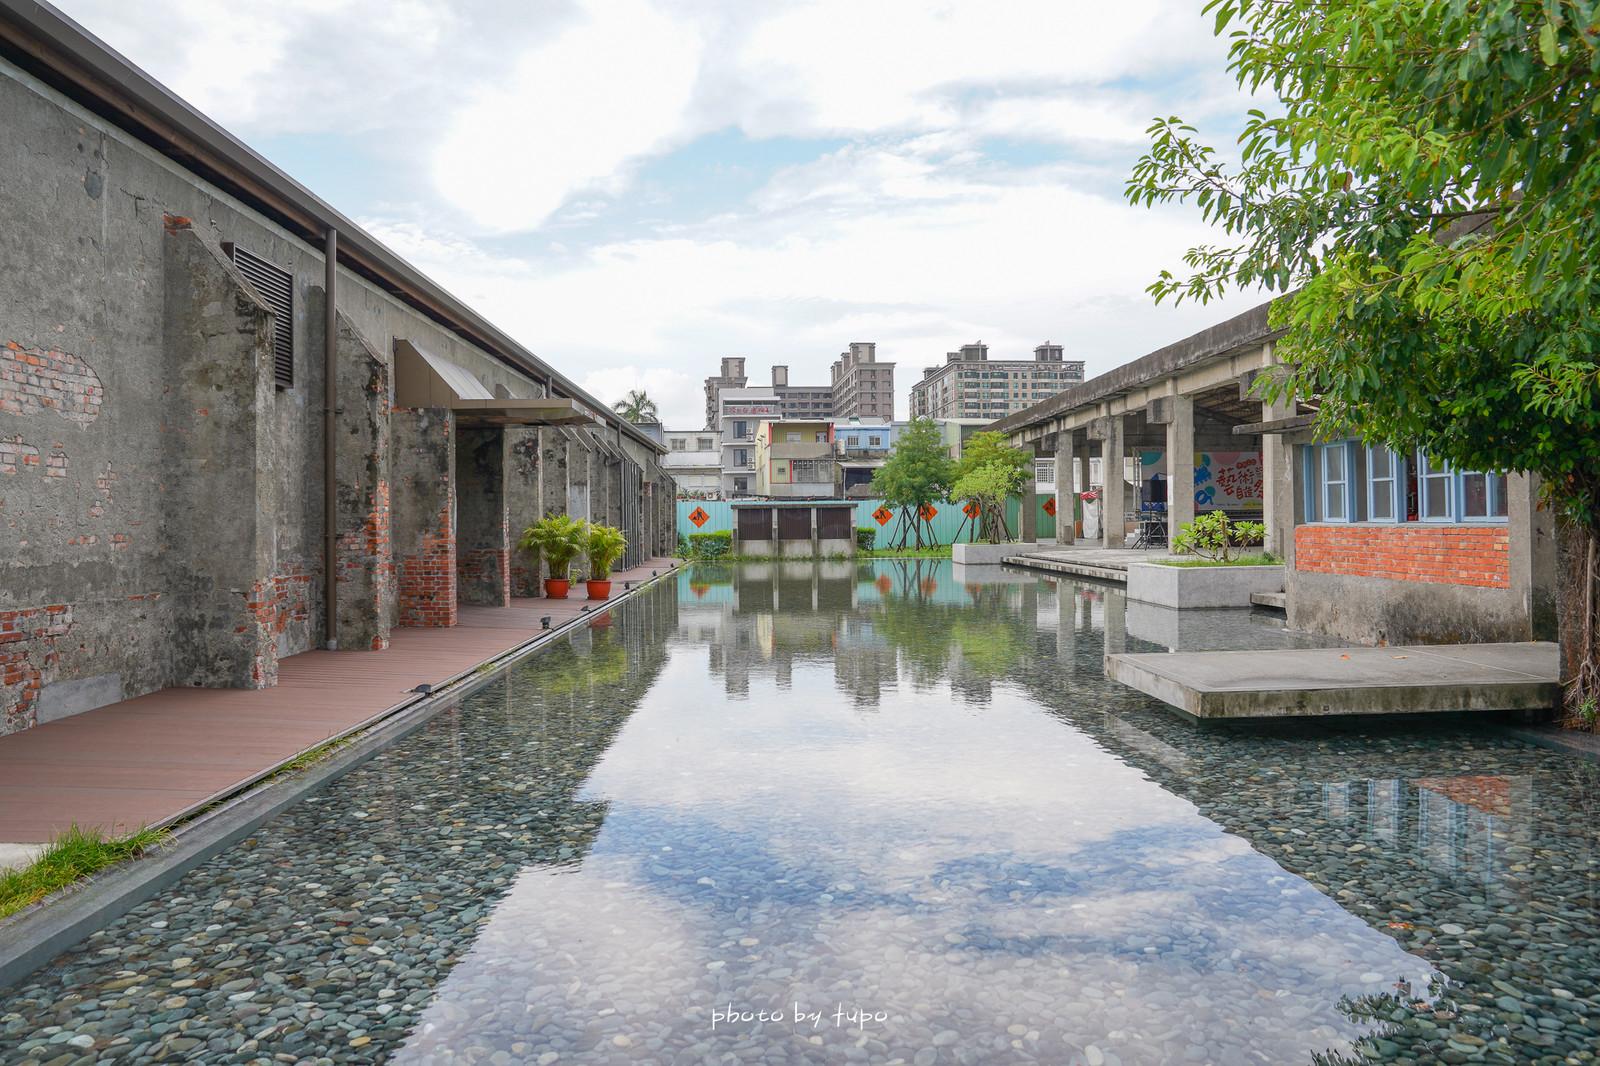 宜蘭五結景點》宜蘭中興文化創意園區~新免費打卡點!巨大紙袋、紙膠帶、廢墟網美打卡點、室內遊戲區一次滿足。